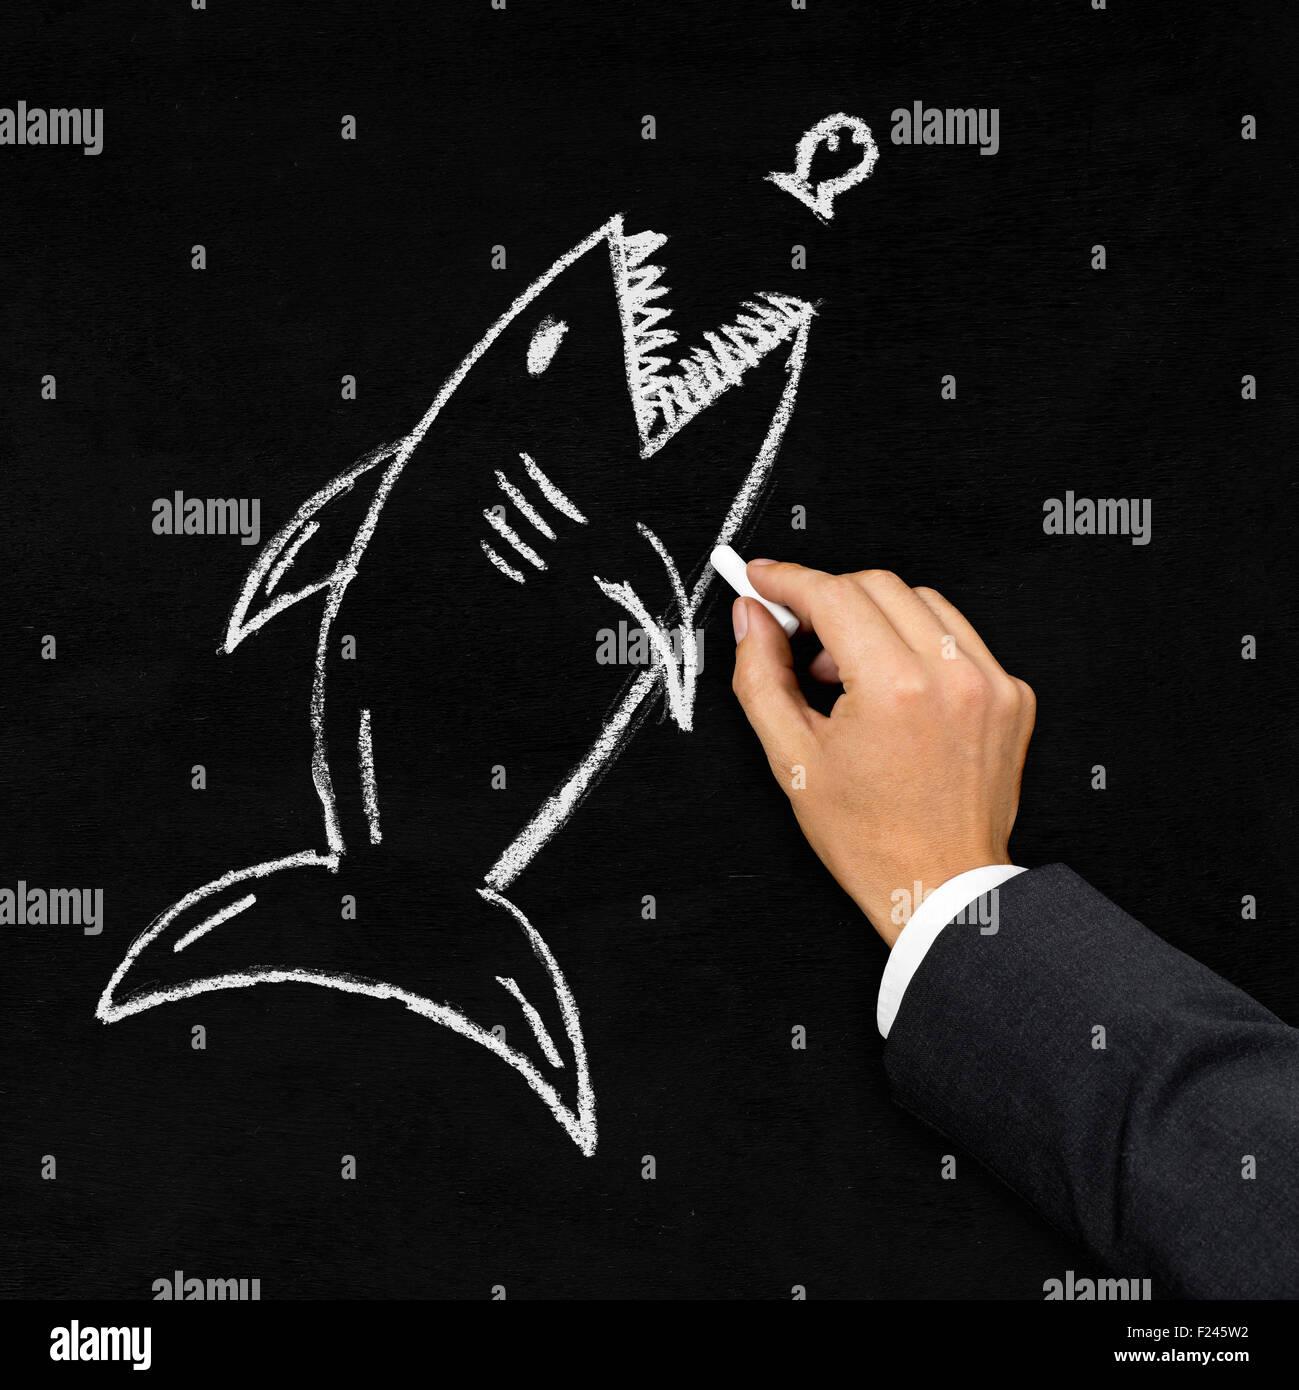 Businessman requin dessin petits poissons chasse à la craie sur tableau noir - acquisition, défi ou concept Photo Stock